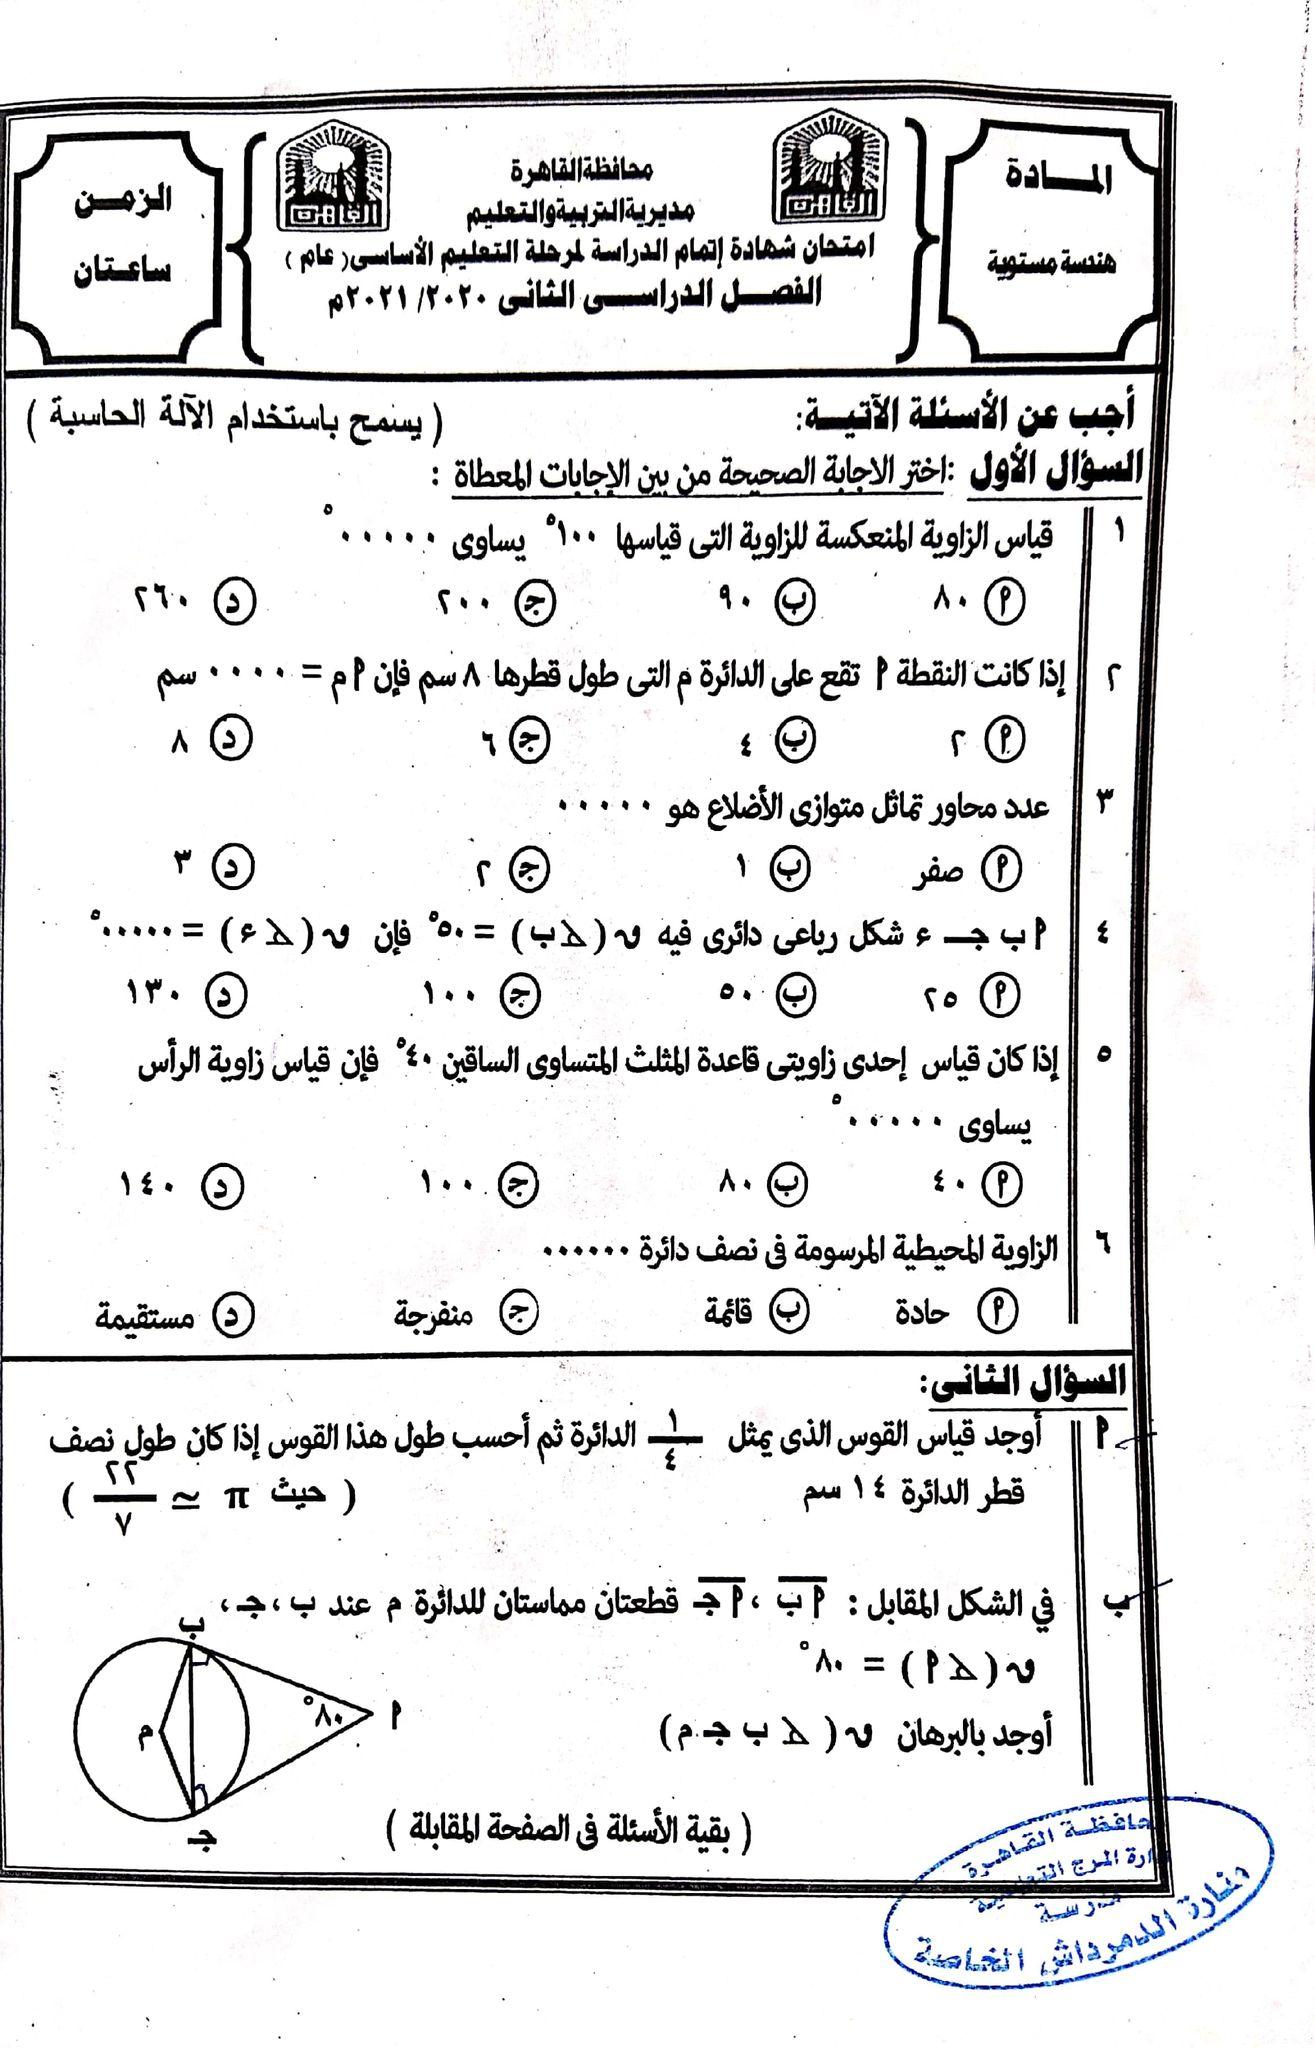 امتحان الهندسة محافظة القاهرة بالإجابات الصف الثالث الاعدادى ترم ثانى 2021